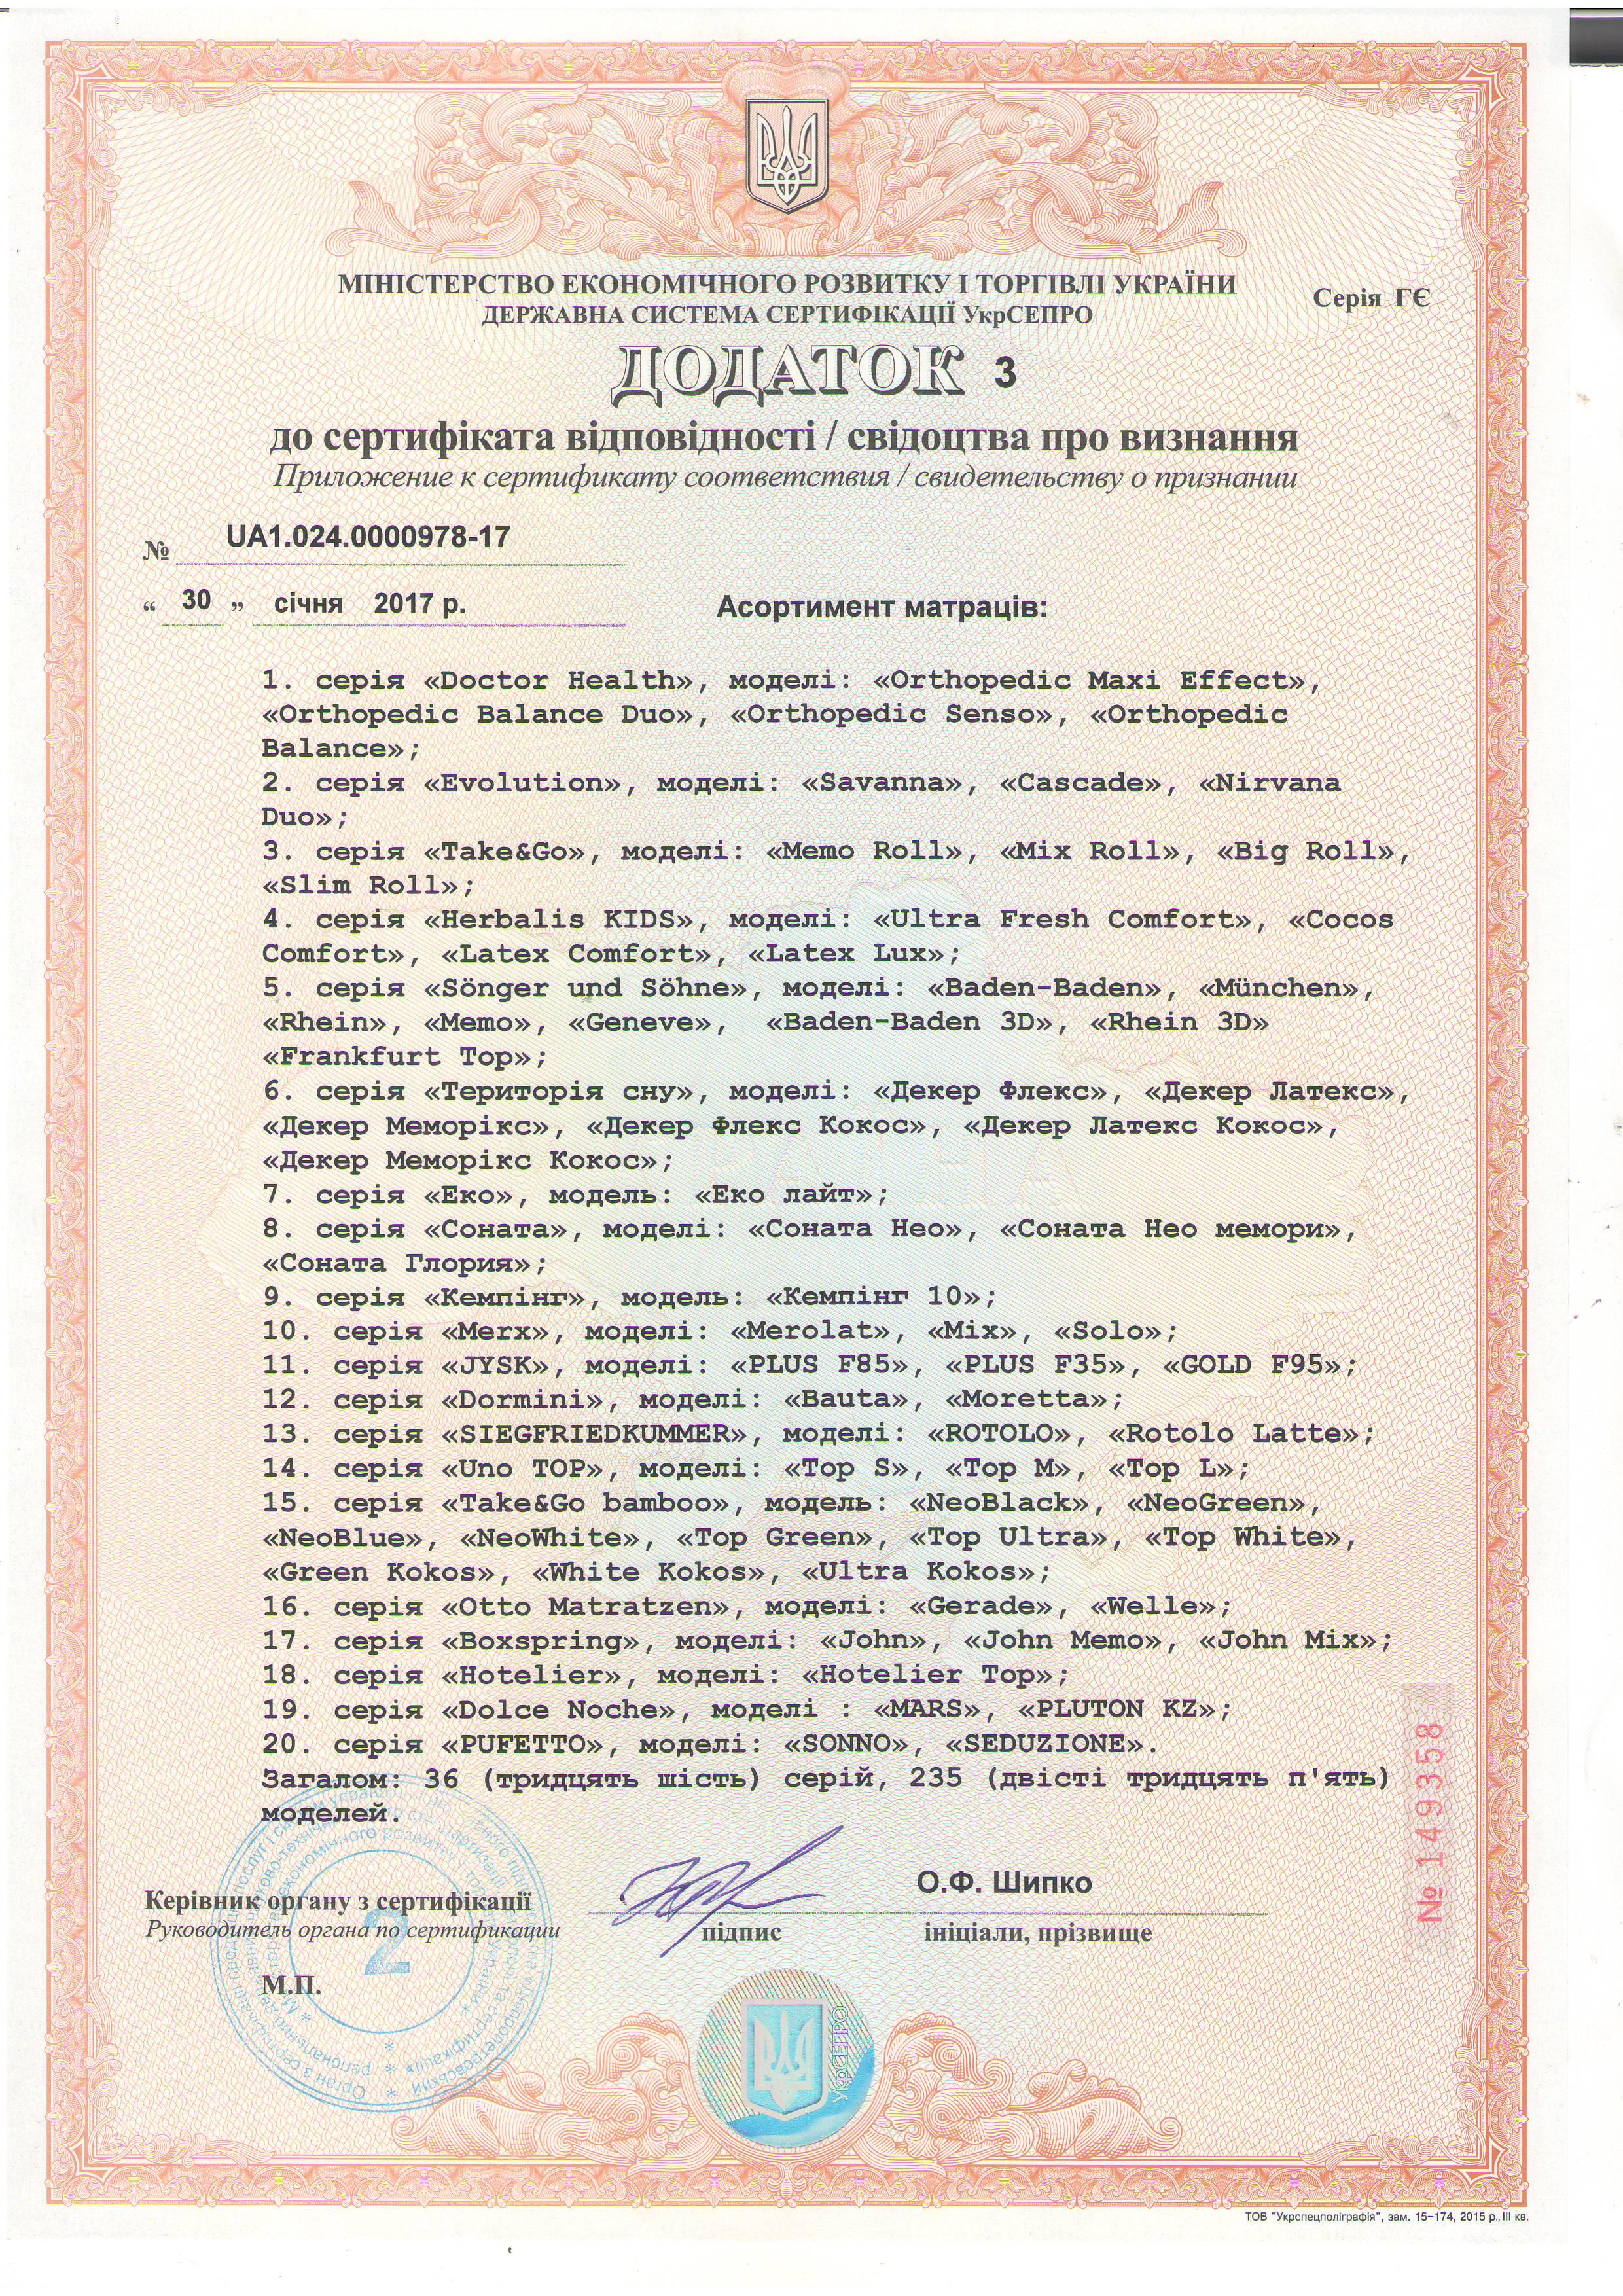 Сертификат соответствия качества ТМ ЕММ (дополнение 3)